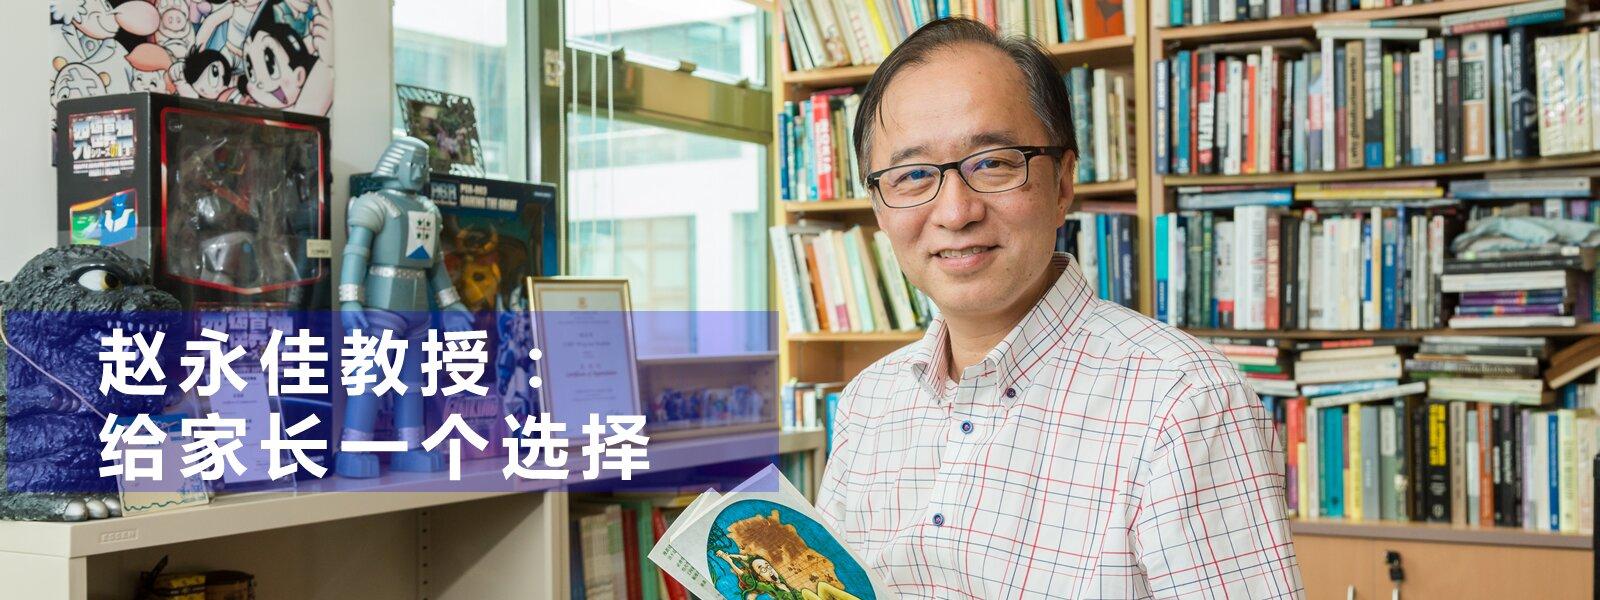 赵永佳教授;给家长一个选择